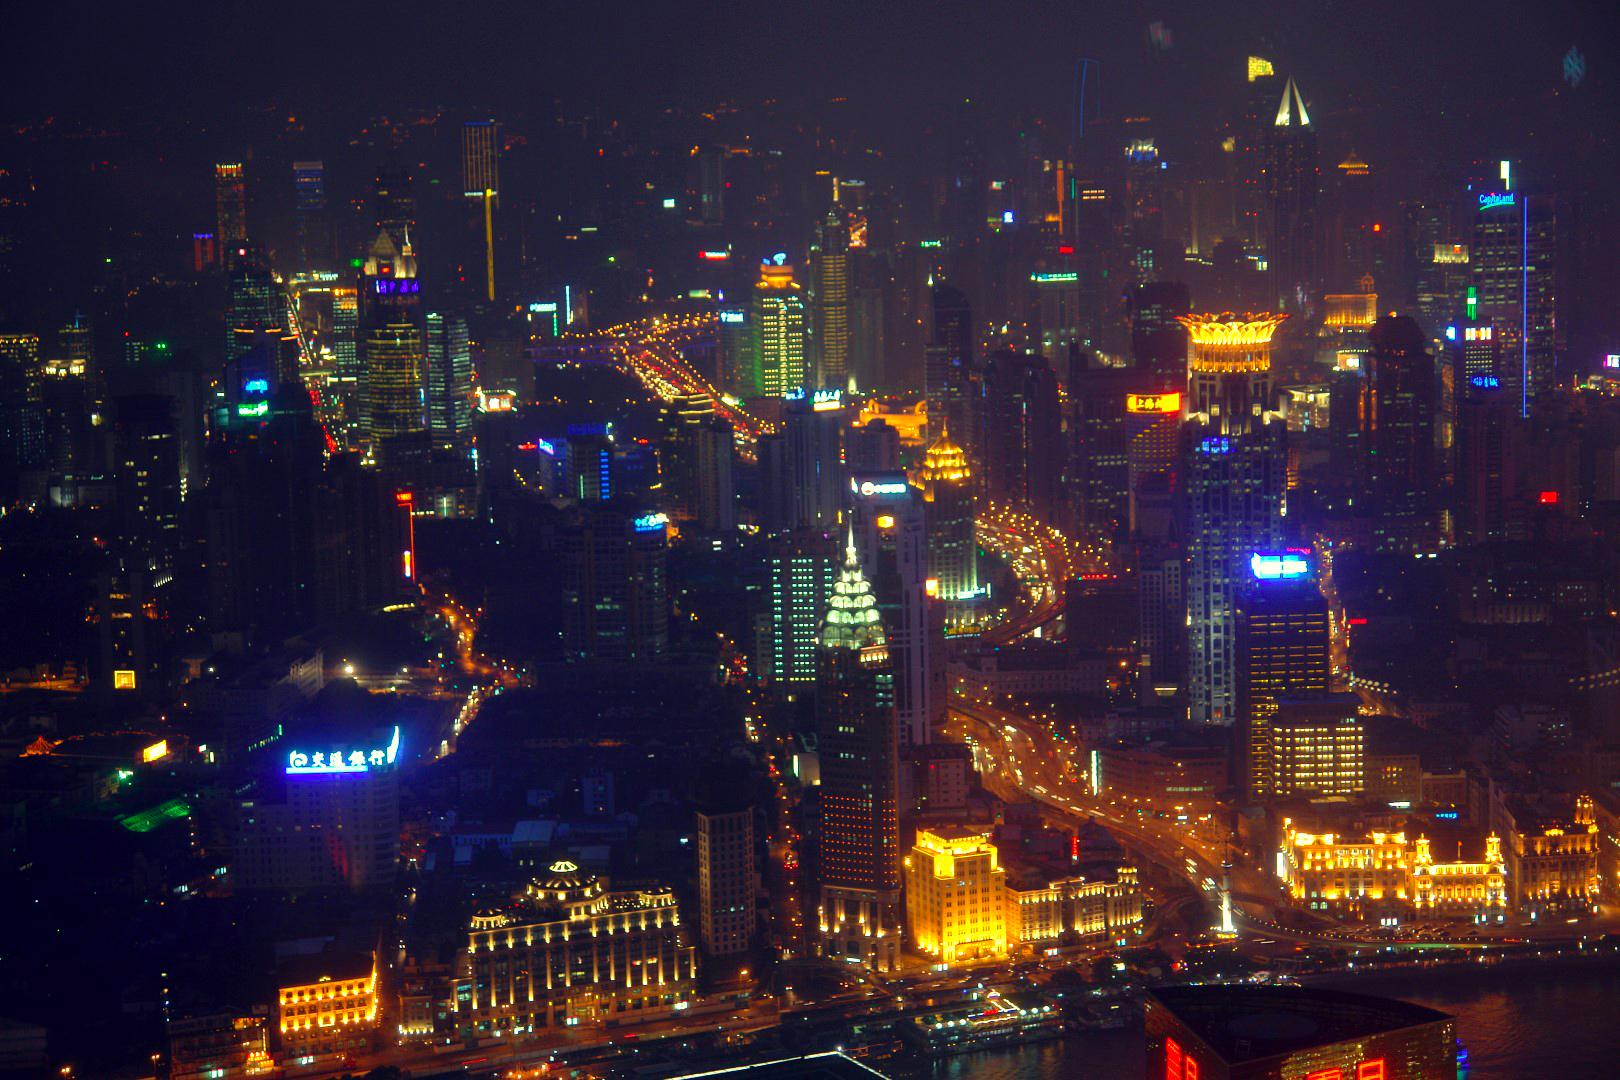 qué ver en Shanghai, China qué ver en shanghai - 32179274030 85a1690b48 o - Qué ver en Shanghai, China